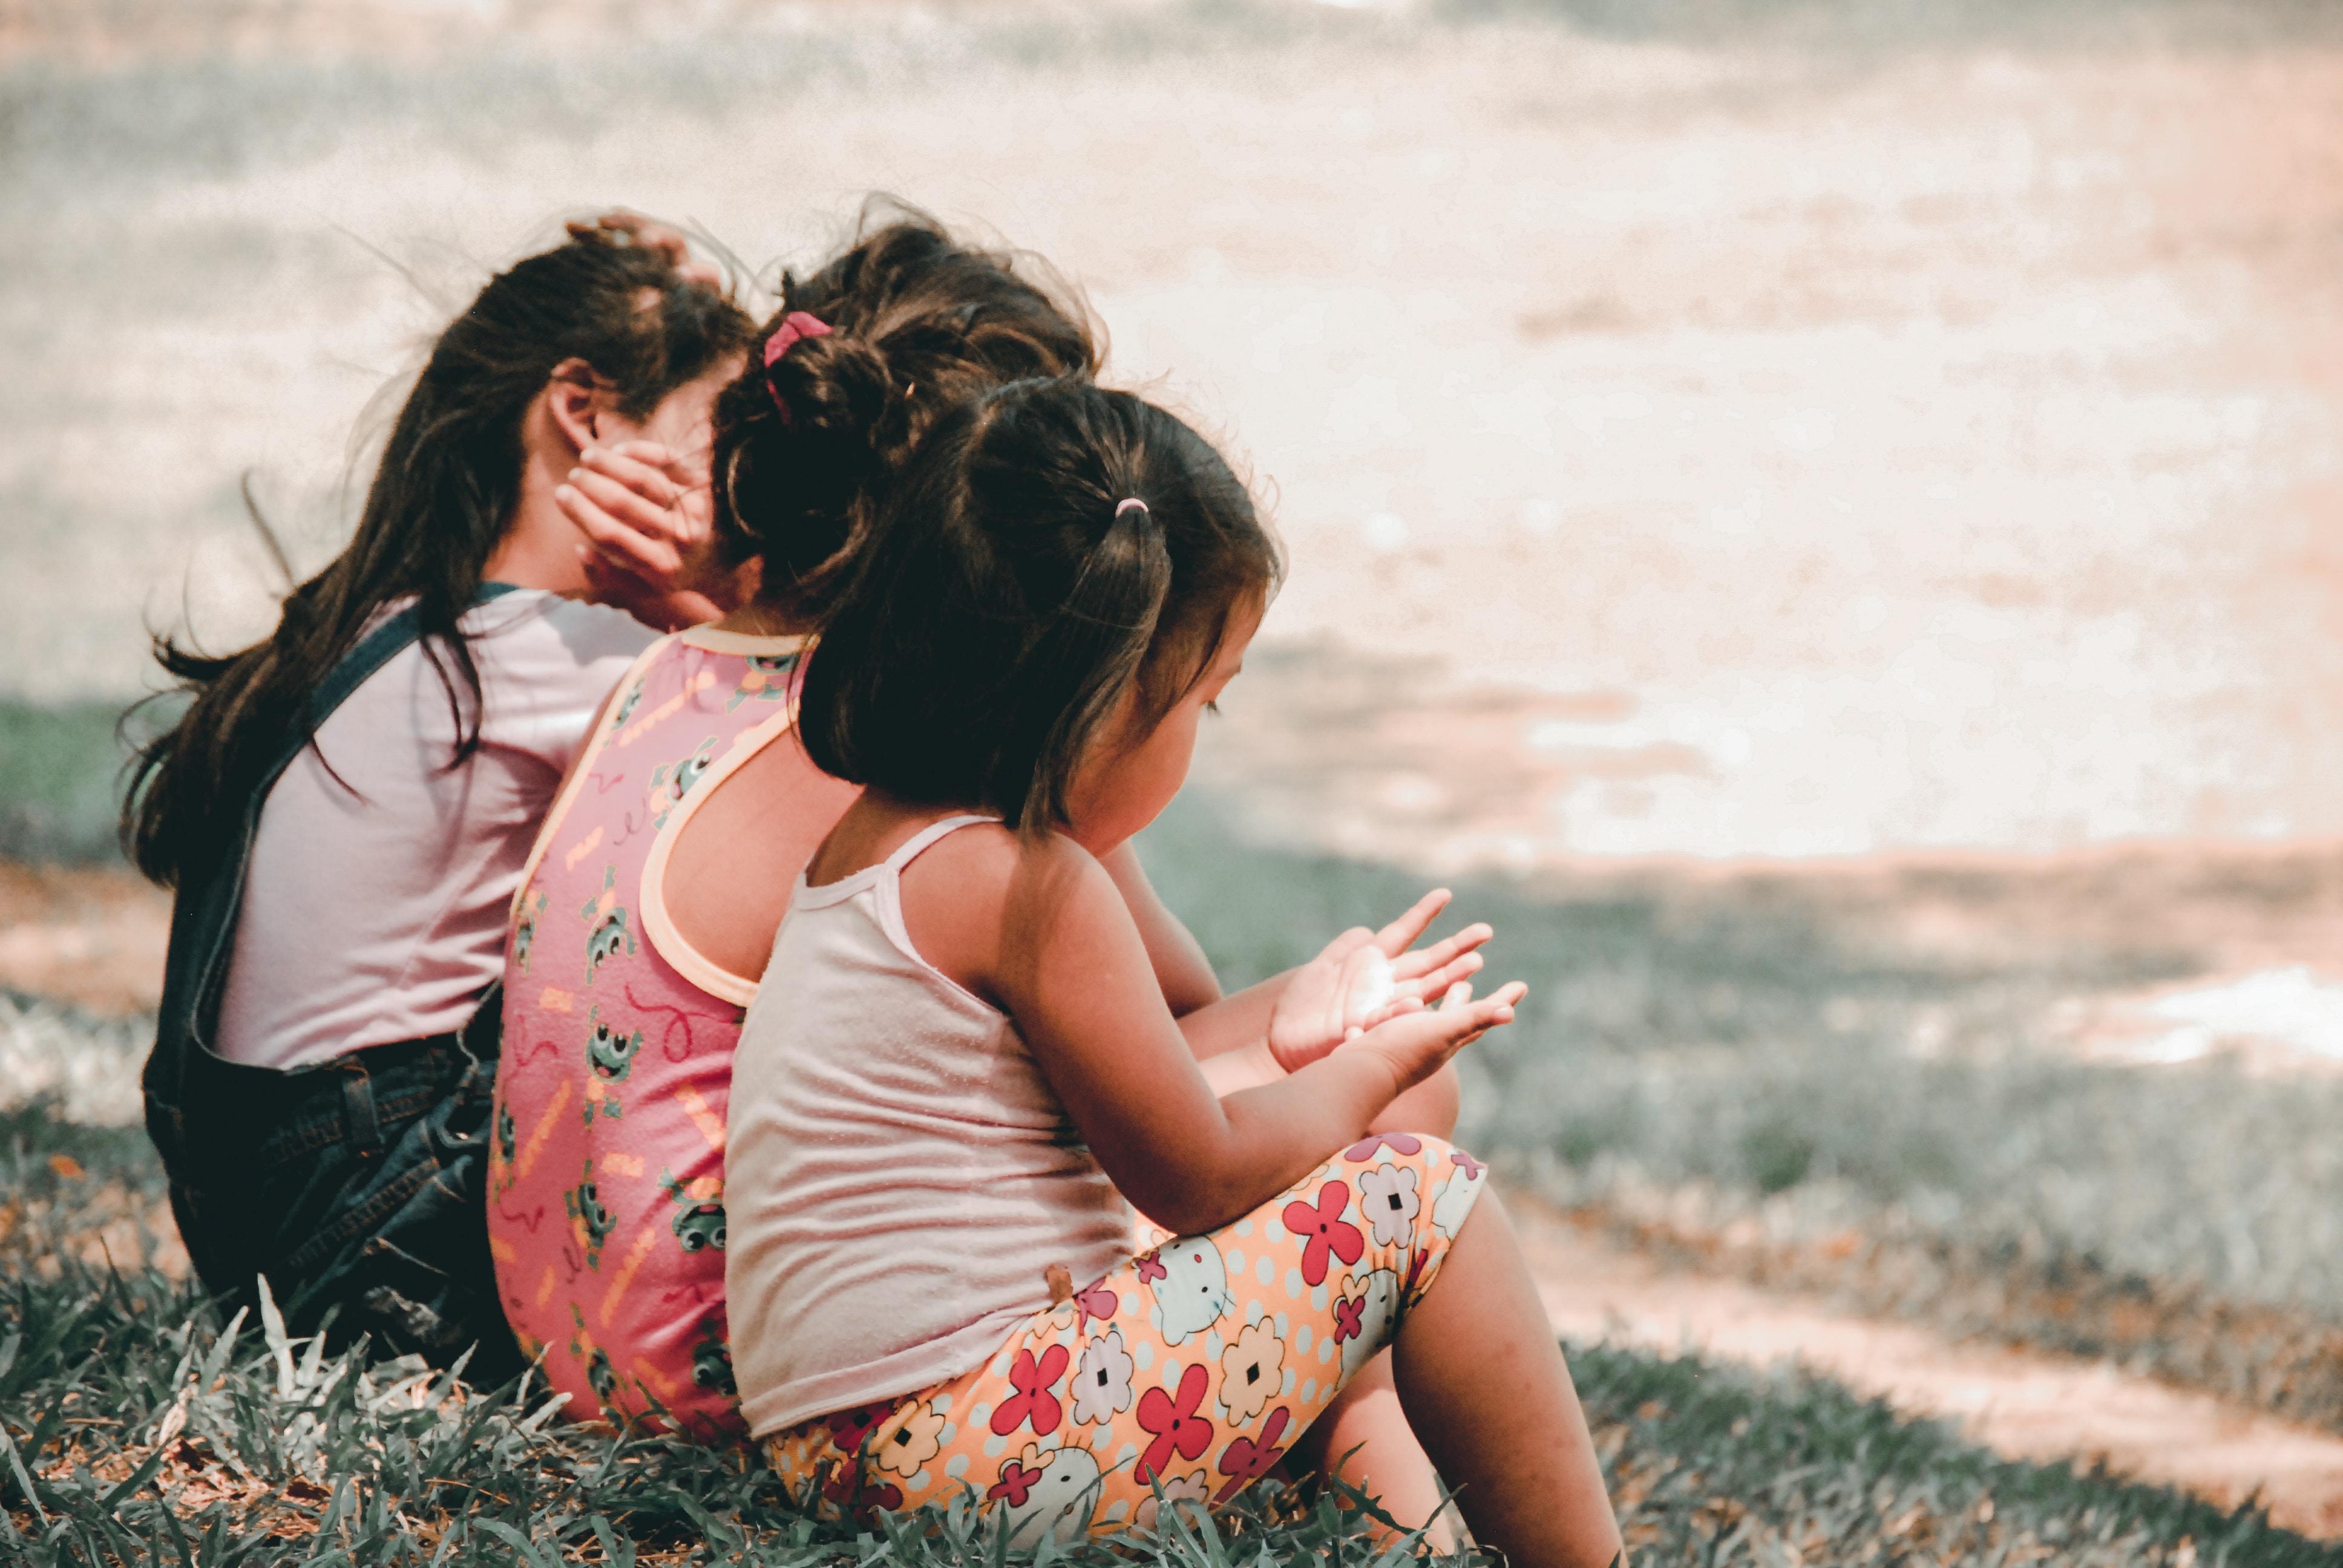 如何幫助孩子脫離網路成癮問題?(上)- 失落戀花園|邱淳孝 諮商心理師